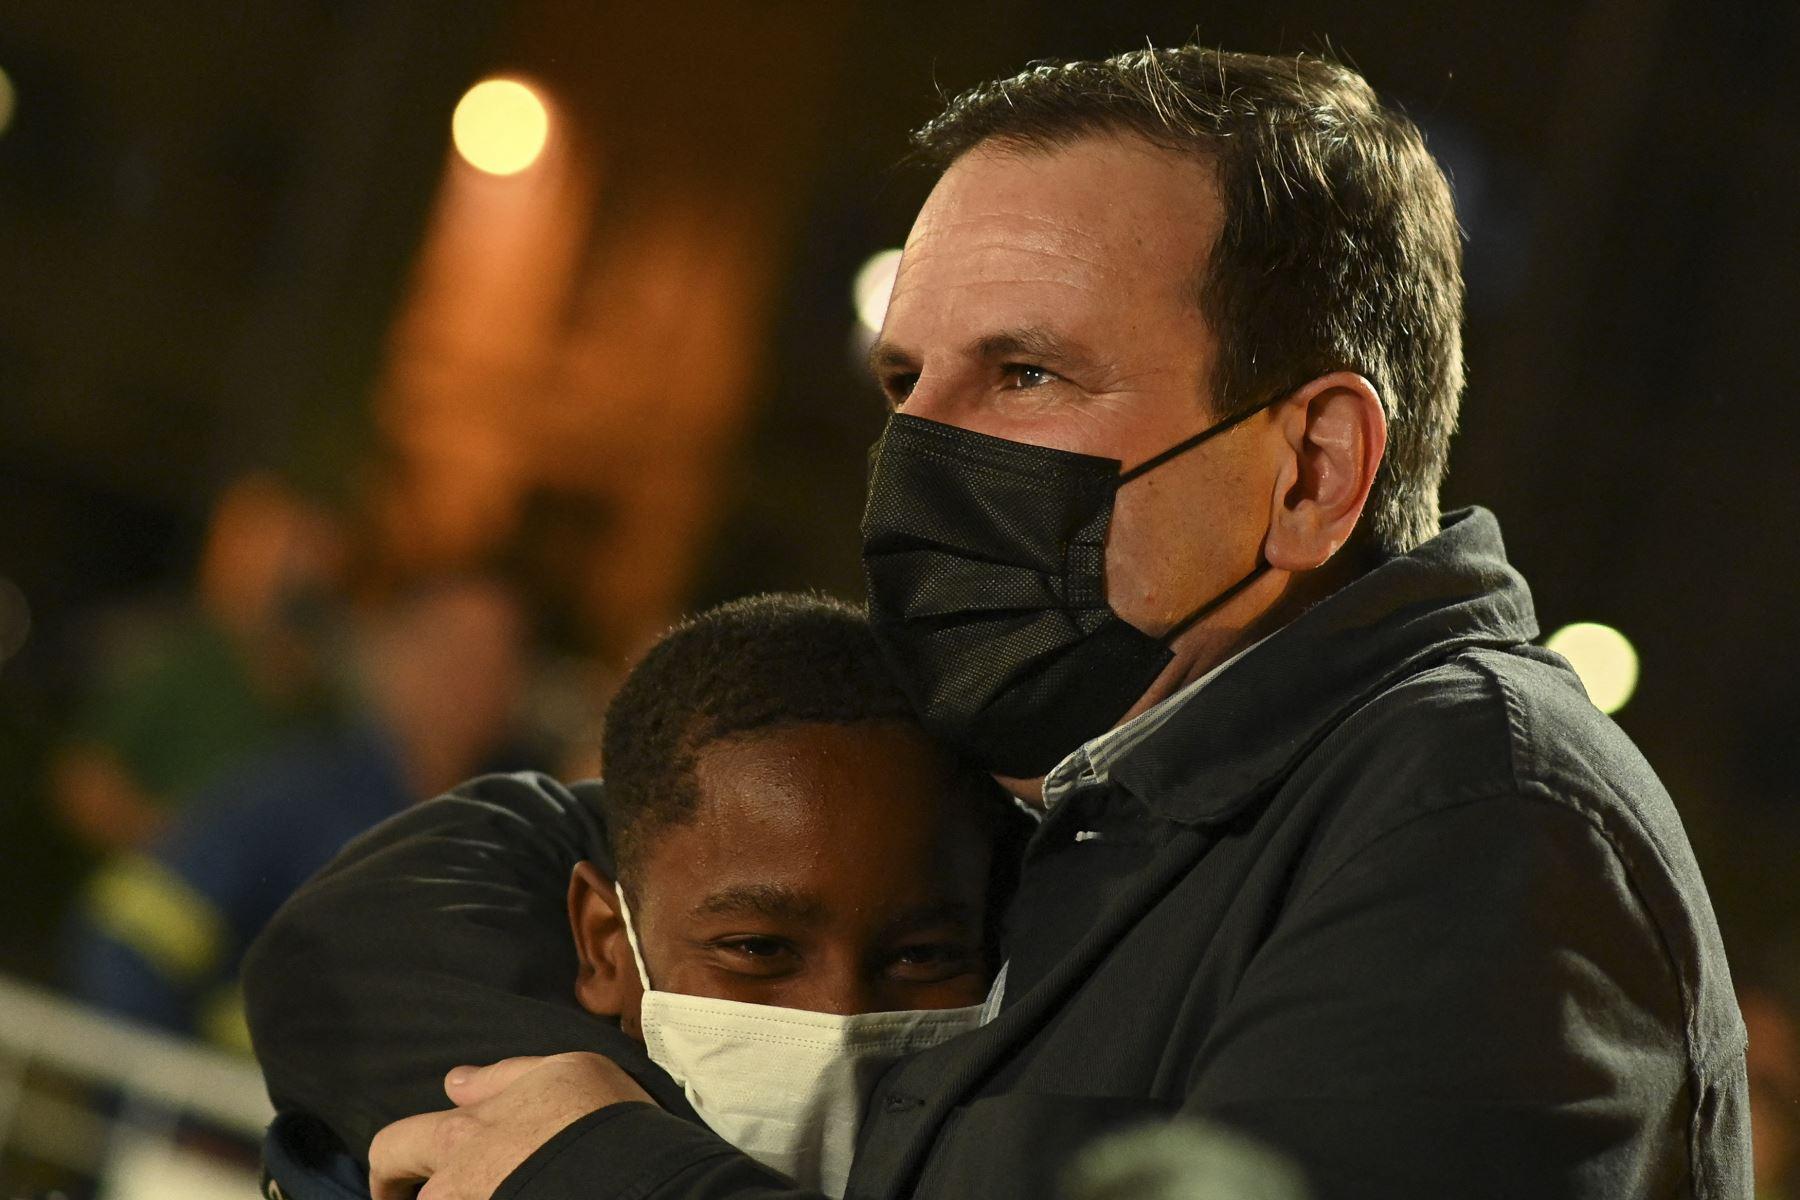 El alcalde de Río de Janeiro, Eduardo Paes, abraza a un niño durante una ceremonia donde se iluminó la réplica de la Pira Olímpica Río 2016, frente a la Iglesia de la Candelaria en Río de Janeiro, Brasil. Foto: AFP